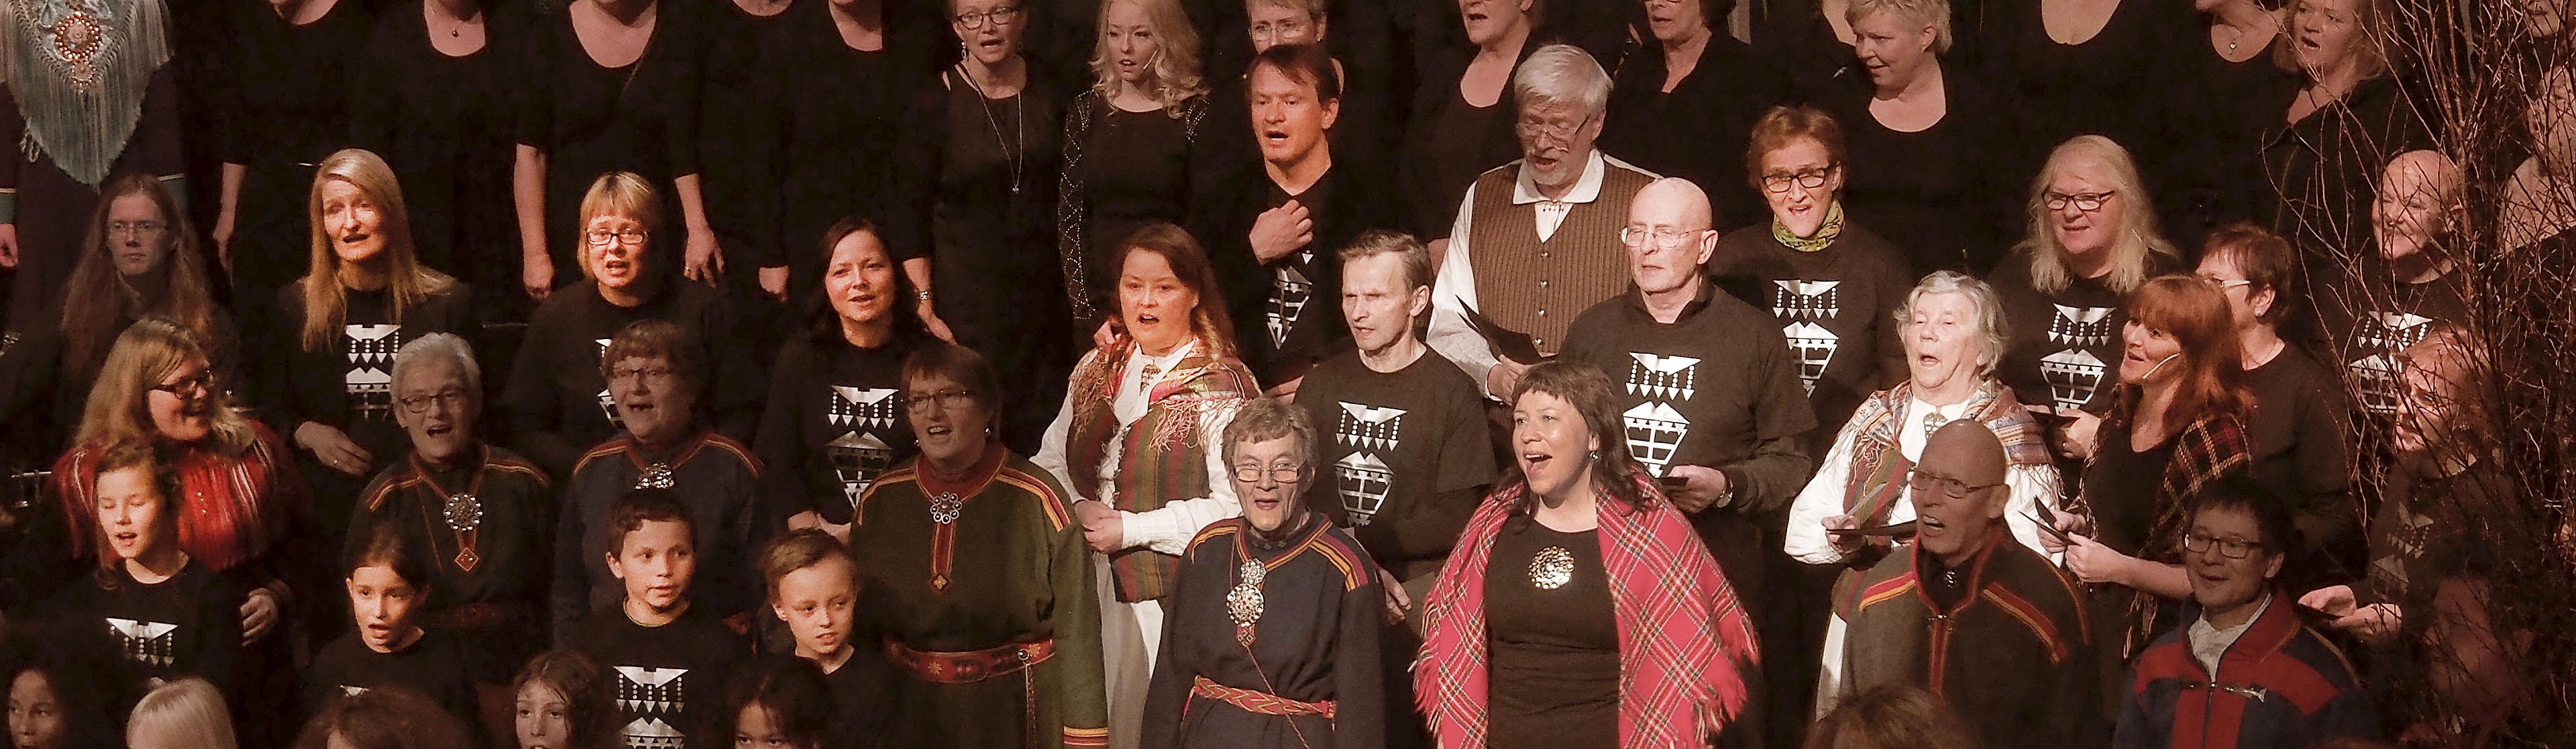 Opplev Kvenkoret synge julen inn